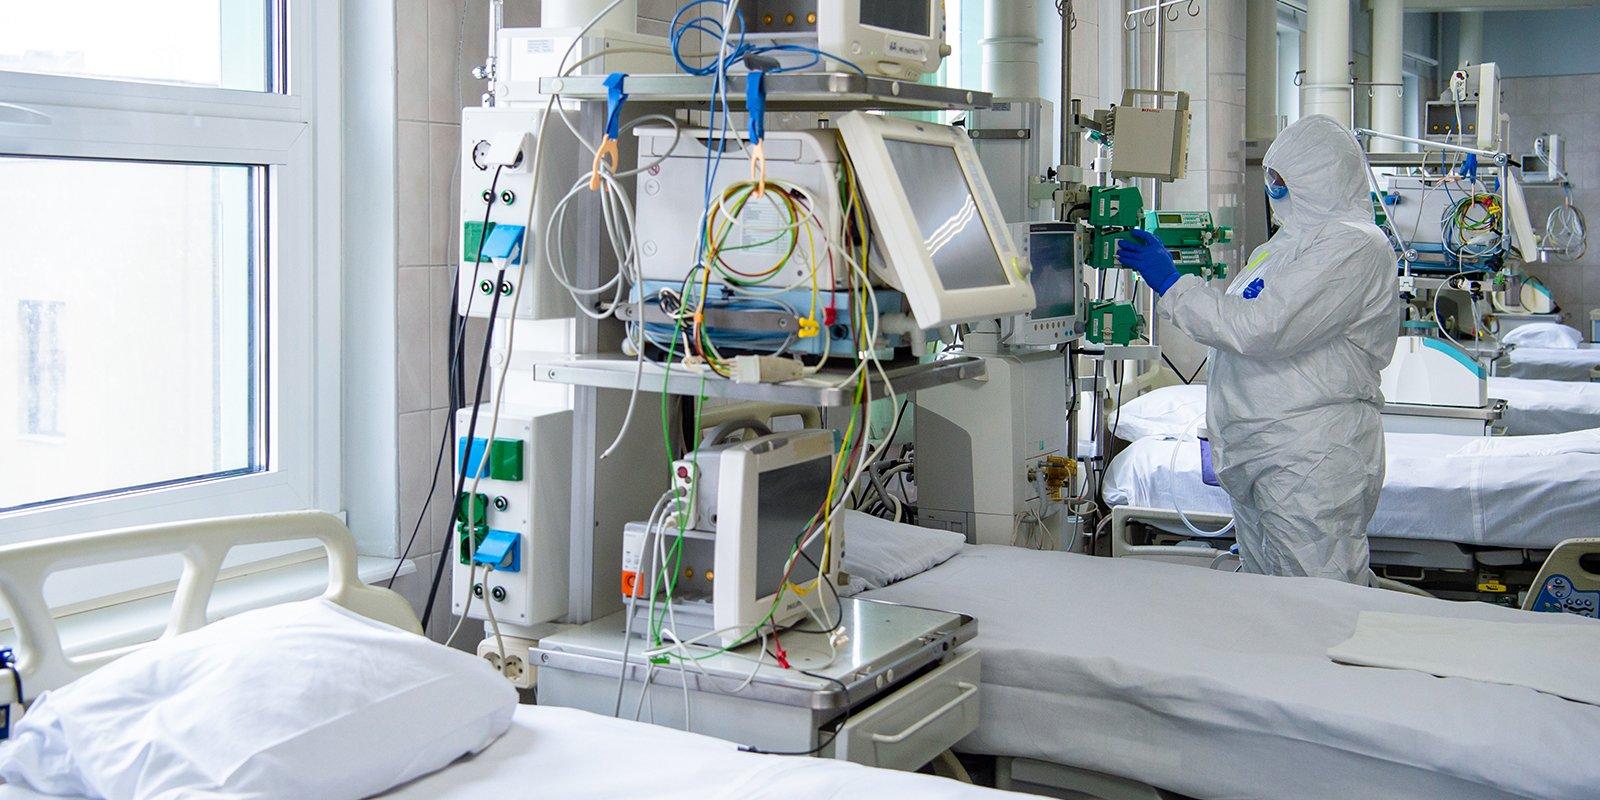 Столичные врачи поделятся своим опытом работы с иностранными коллегами. Фото: сайт мэра Москвы